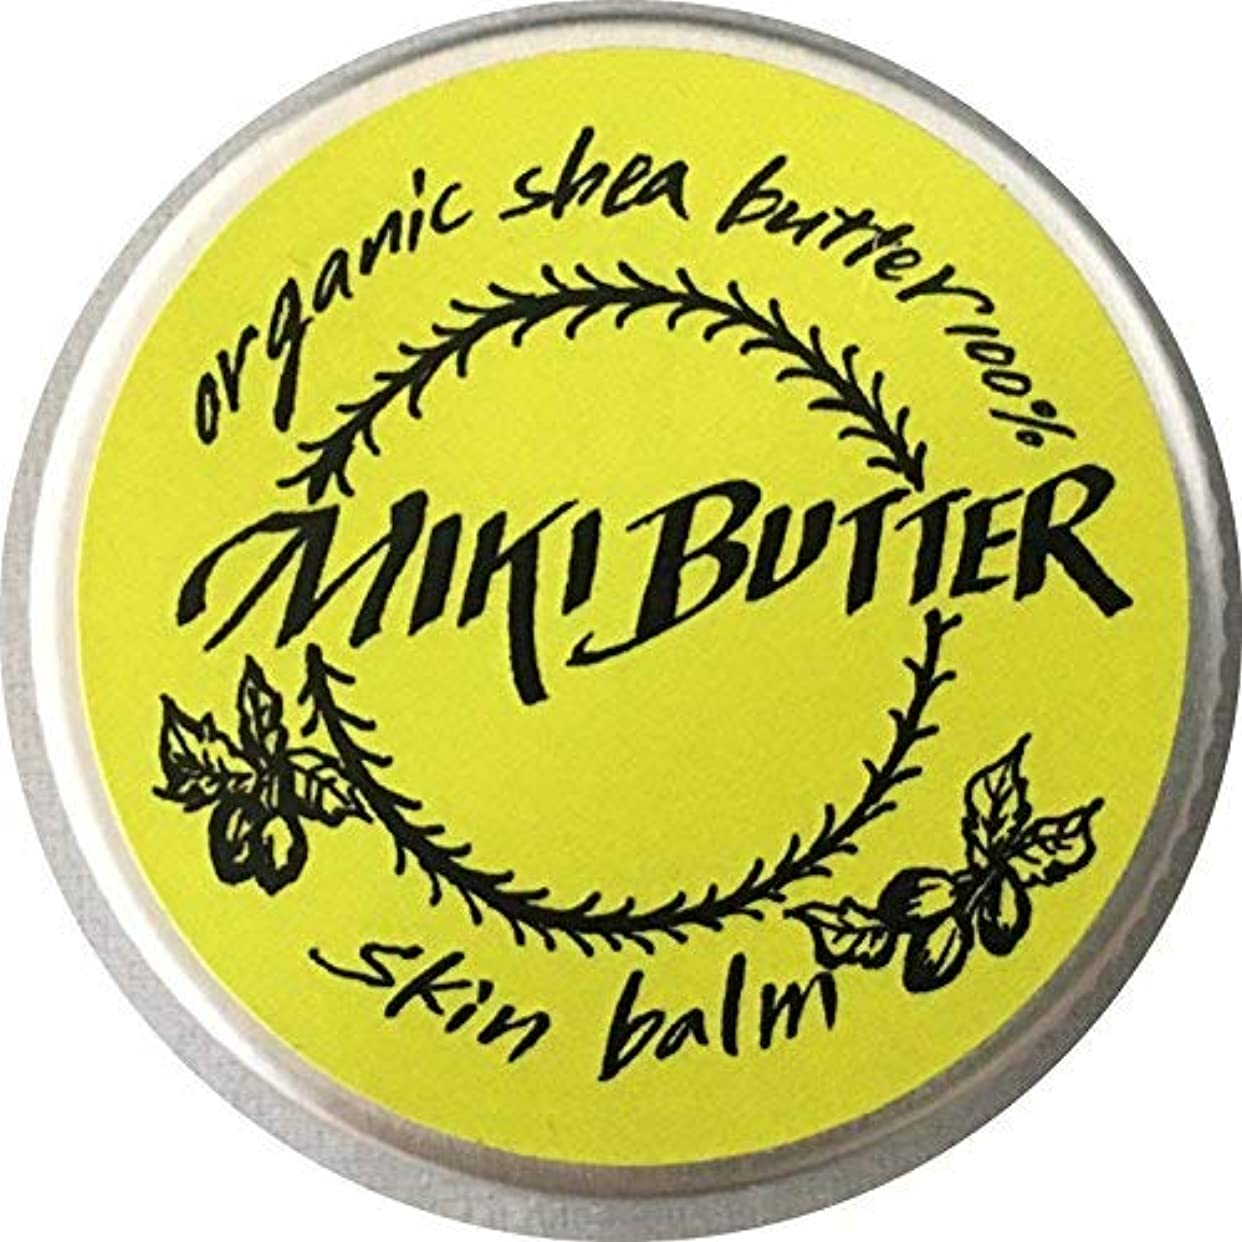 海保守可能刺激する100% 天然 未精製シアバター ミキバター (パール柑, 15)